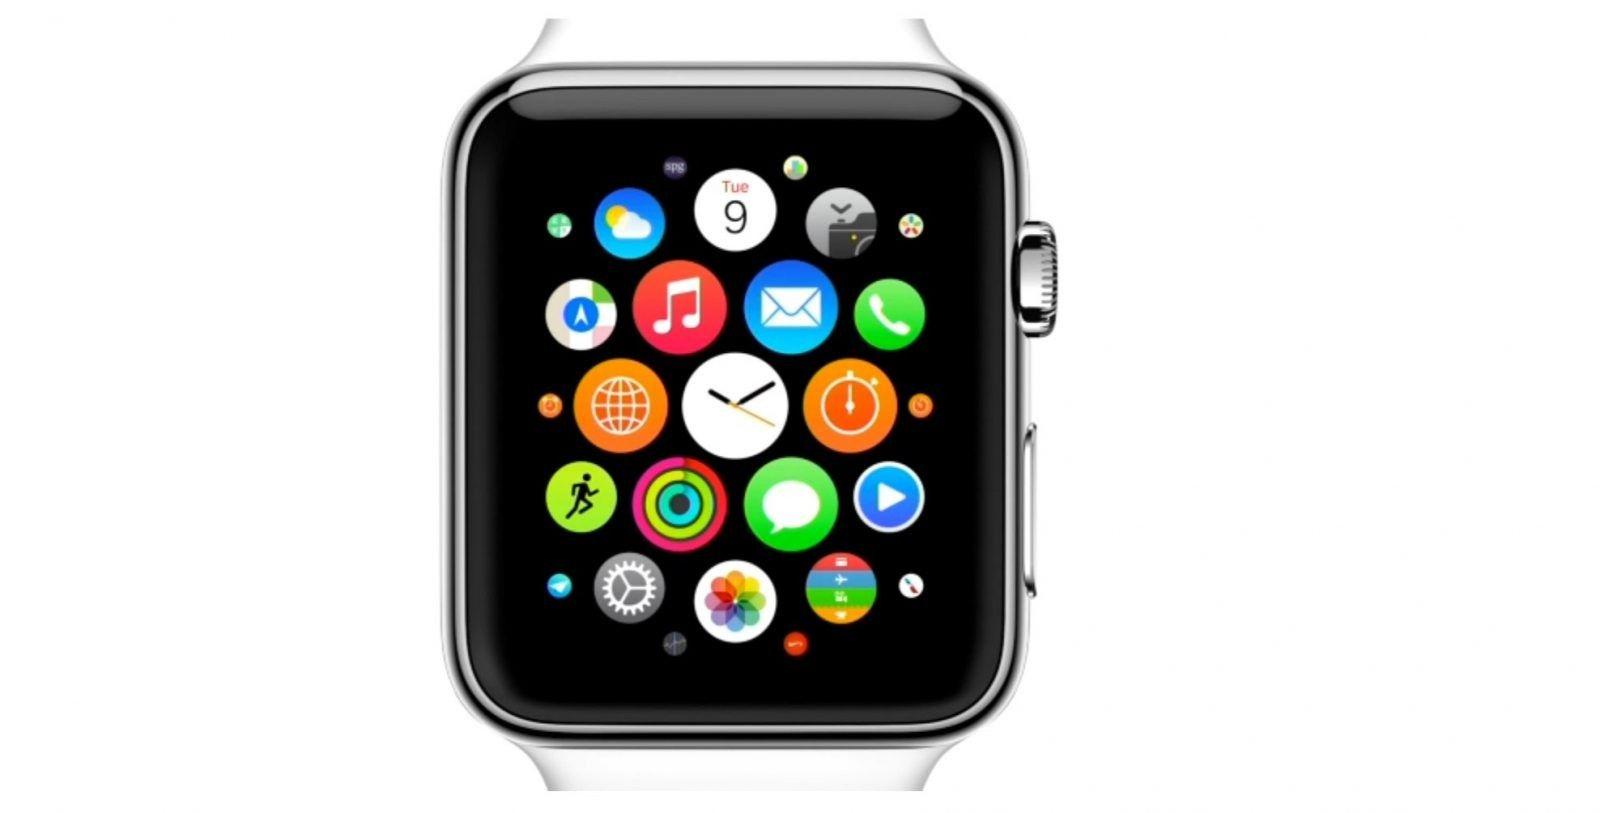 Apple Watch ograniczy ilość powiadomień podczas jazdy samochodem